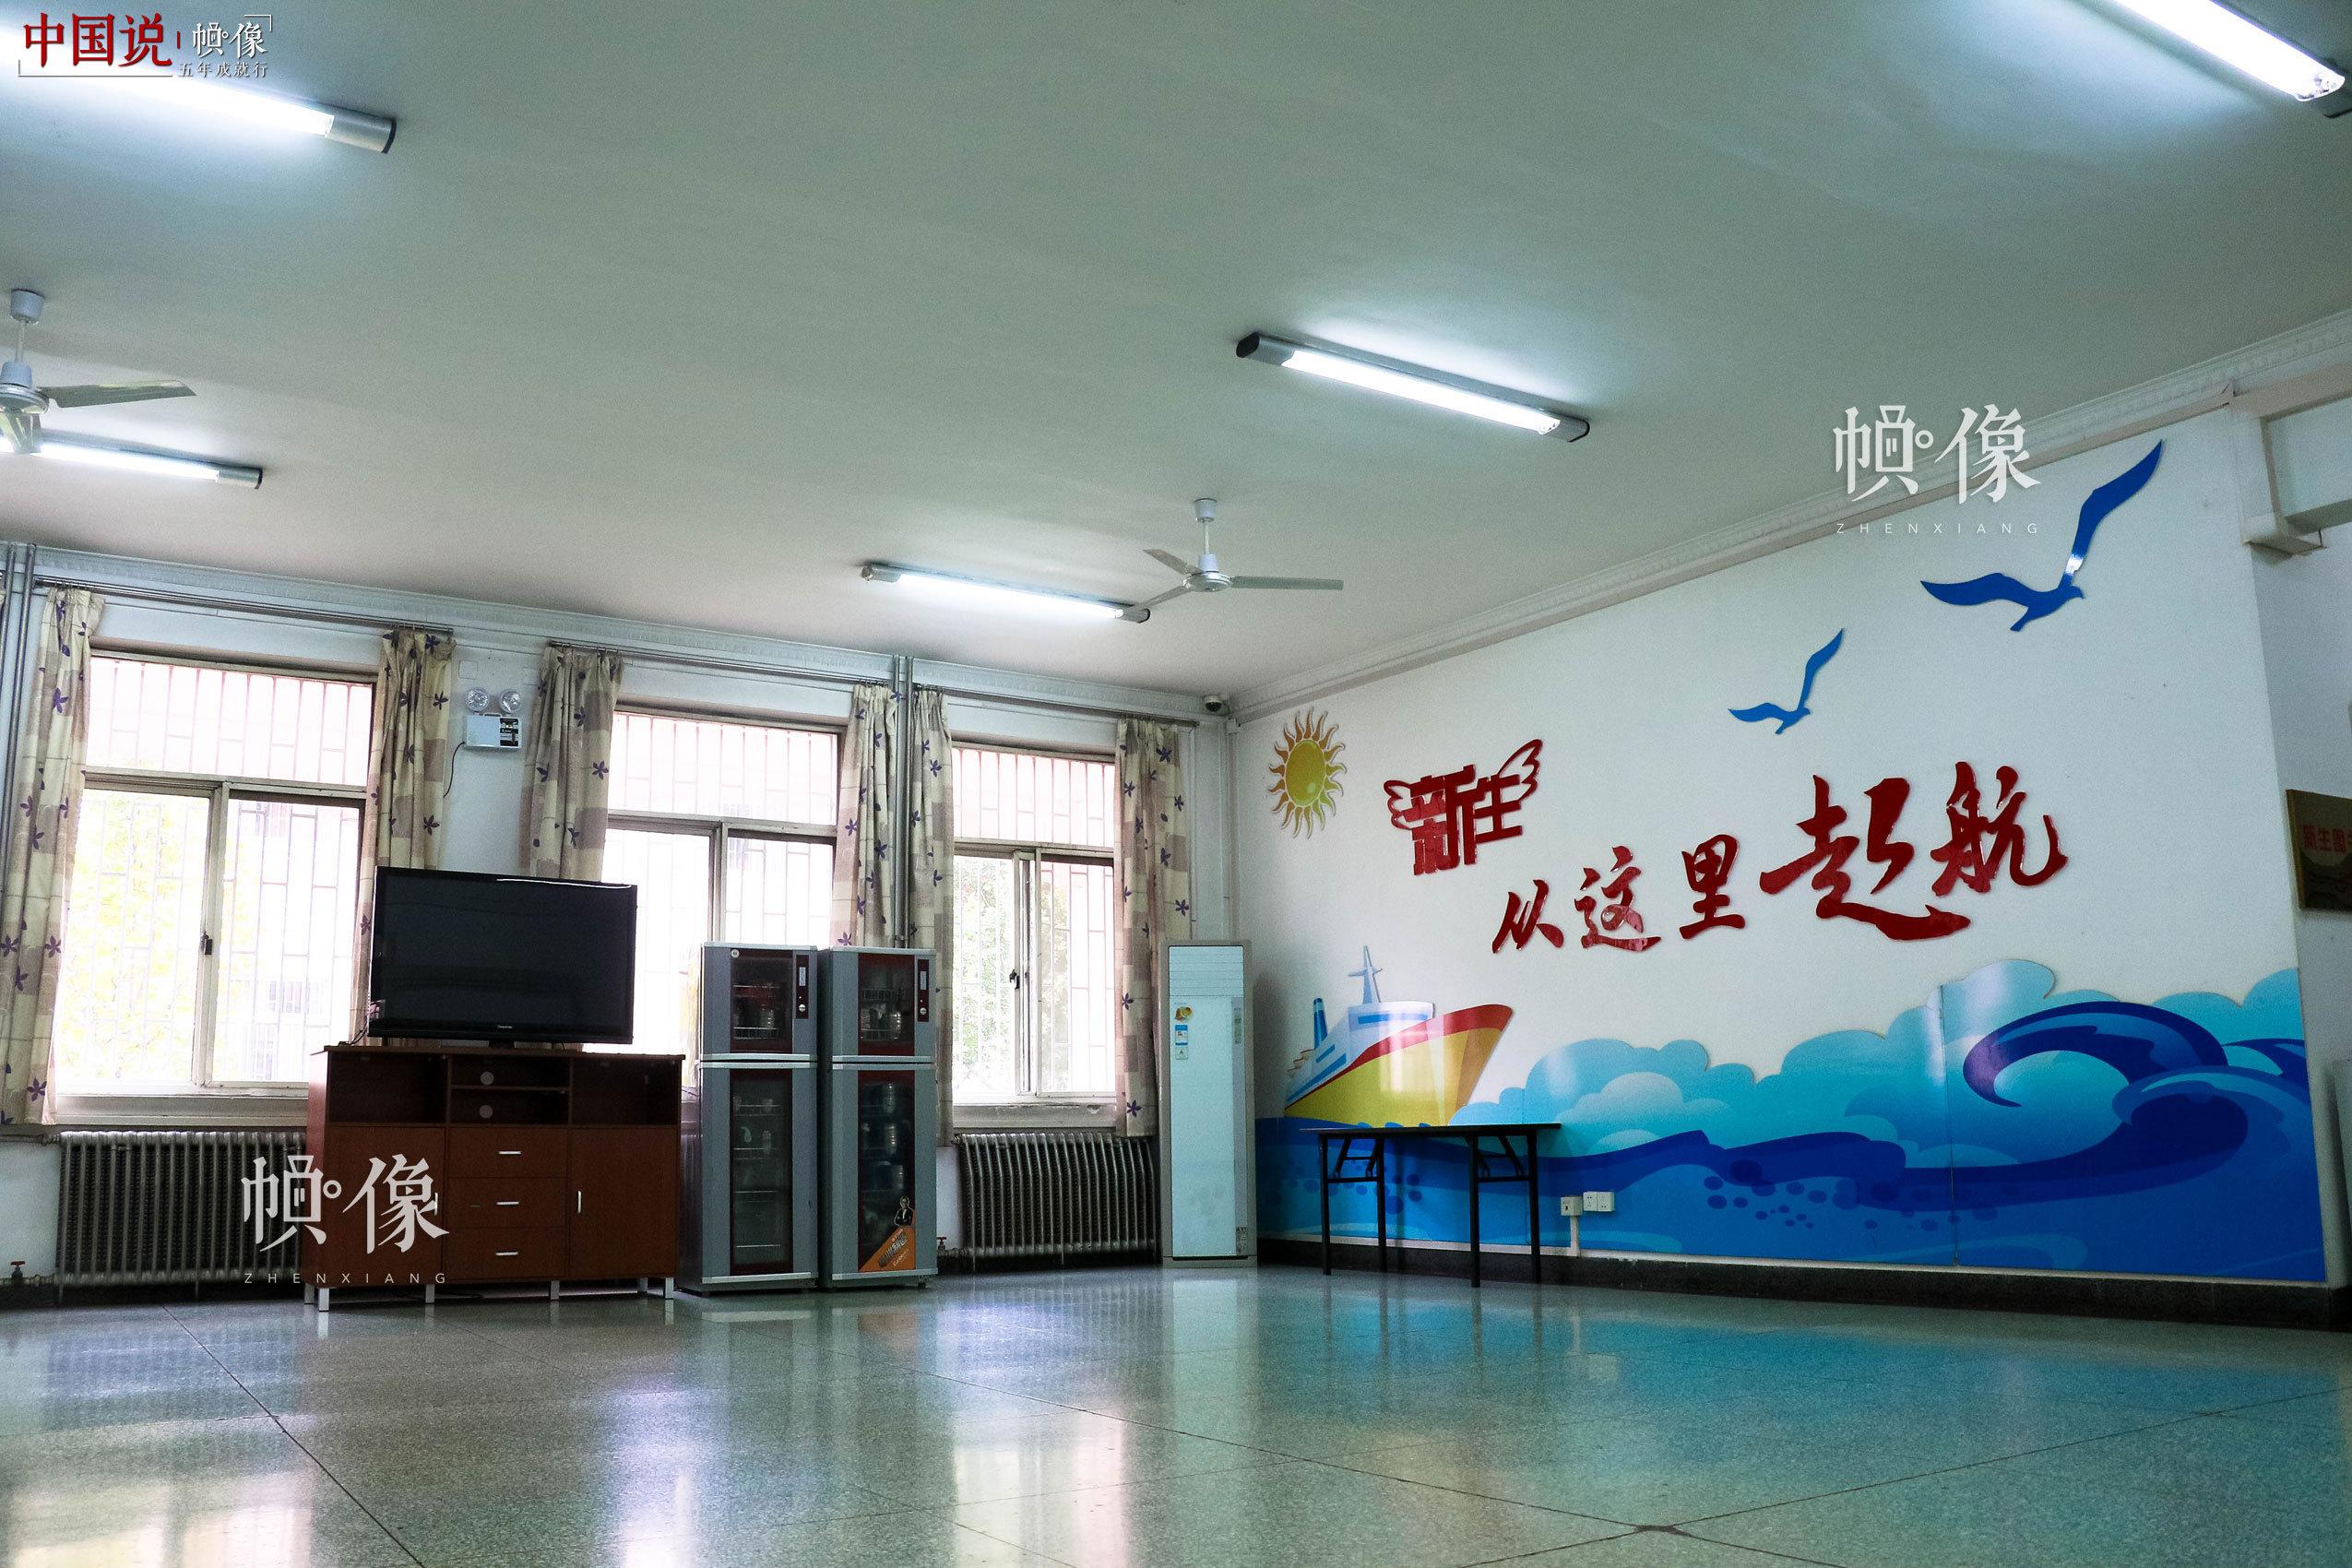 北京市天堂河女子教育矫治所设有活动室,供服刑人员活动、娱乐。 中国网实习记者 朱珊杉 摄